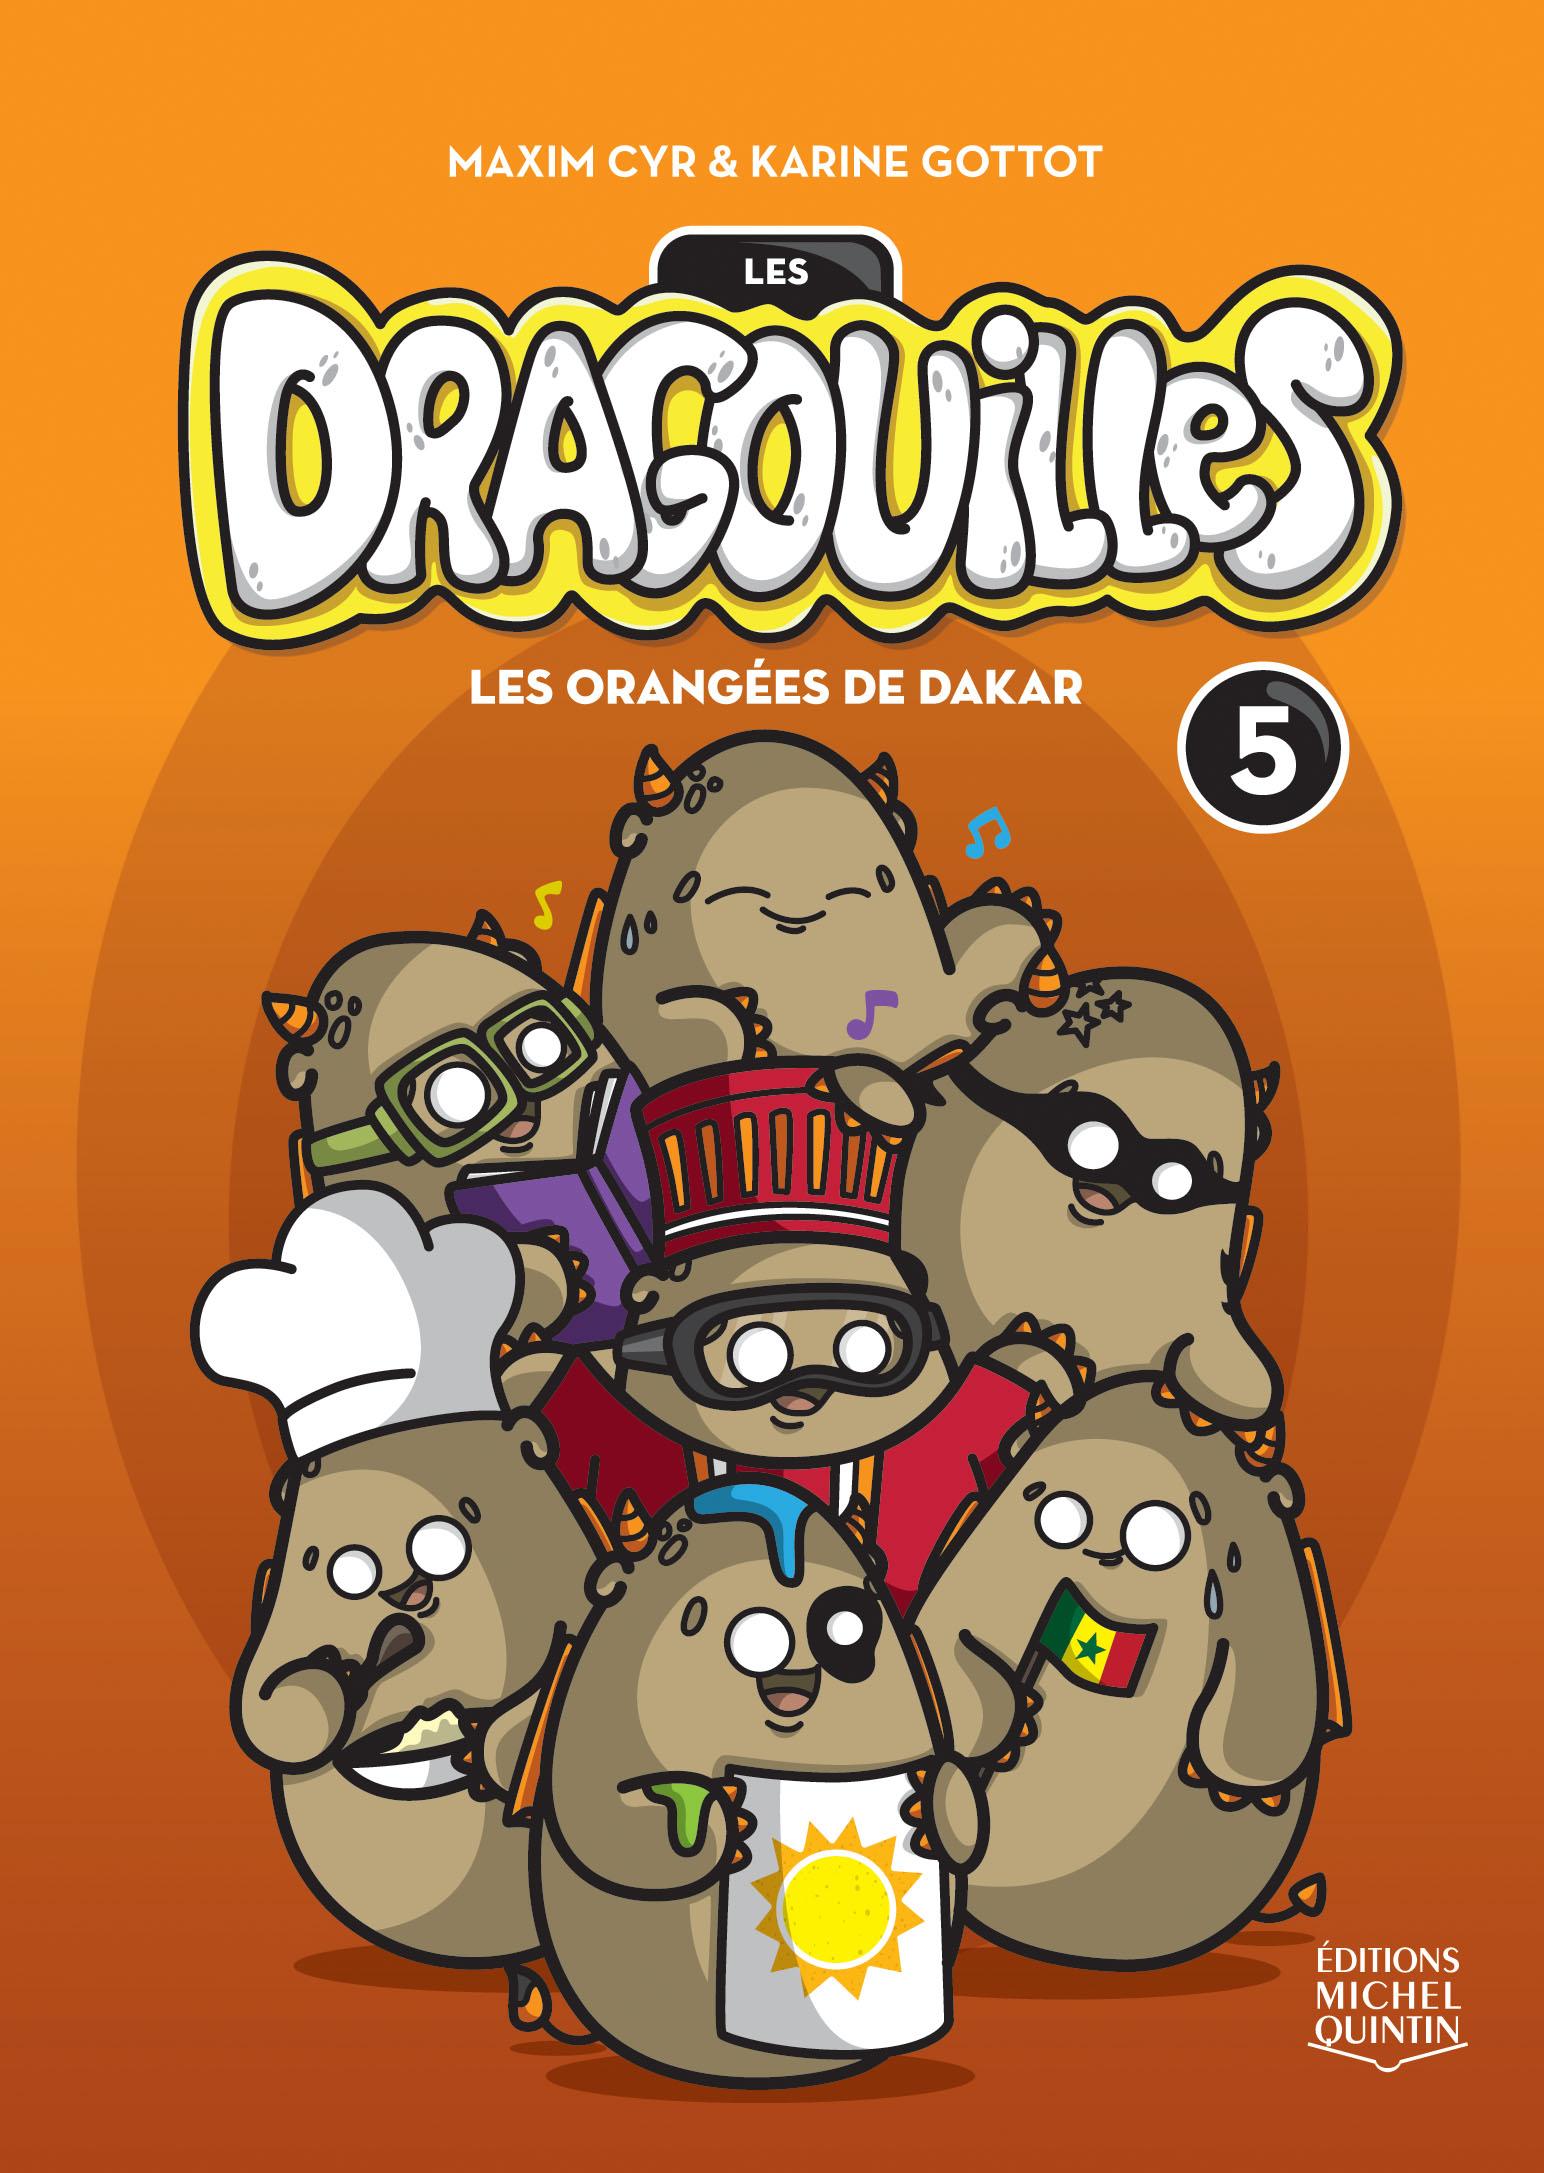 Les dragouilles 5 - Les orangées de Dakar